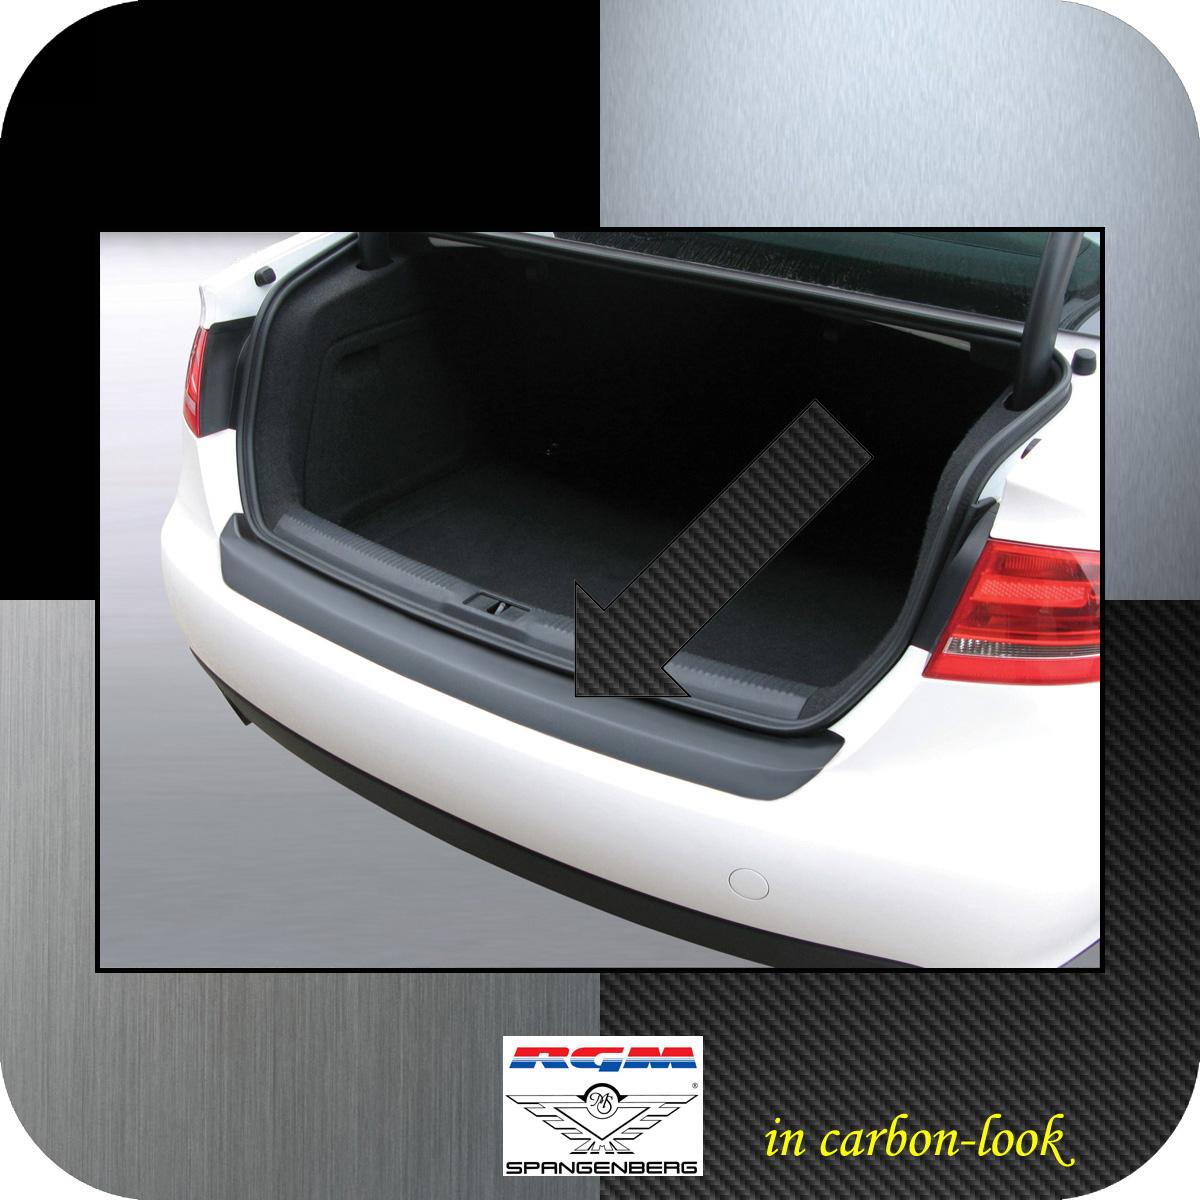 Ladekantenschutz Carbon-Look Audi A4 B8 Limousine vor facelift 2007-11 3509158